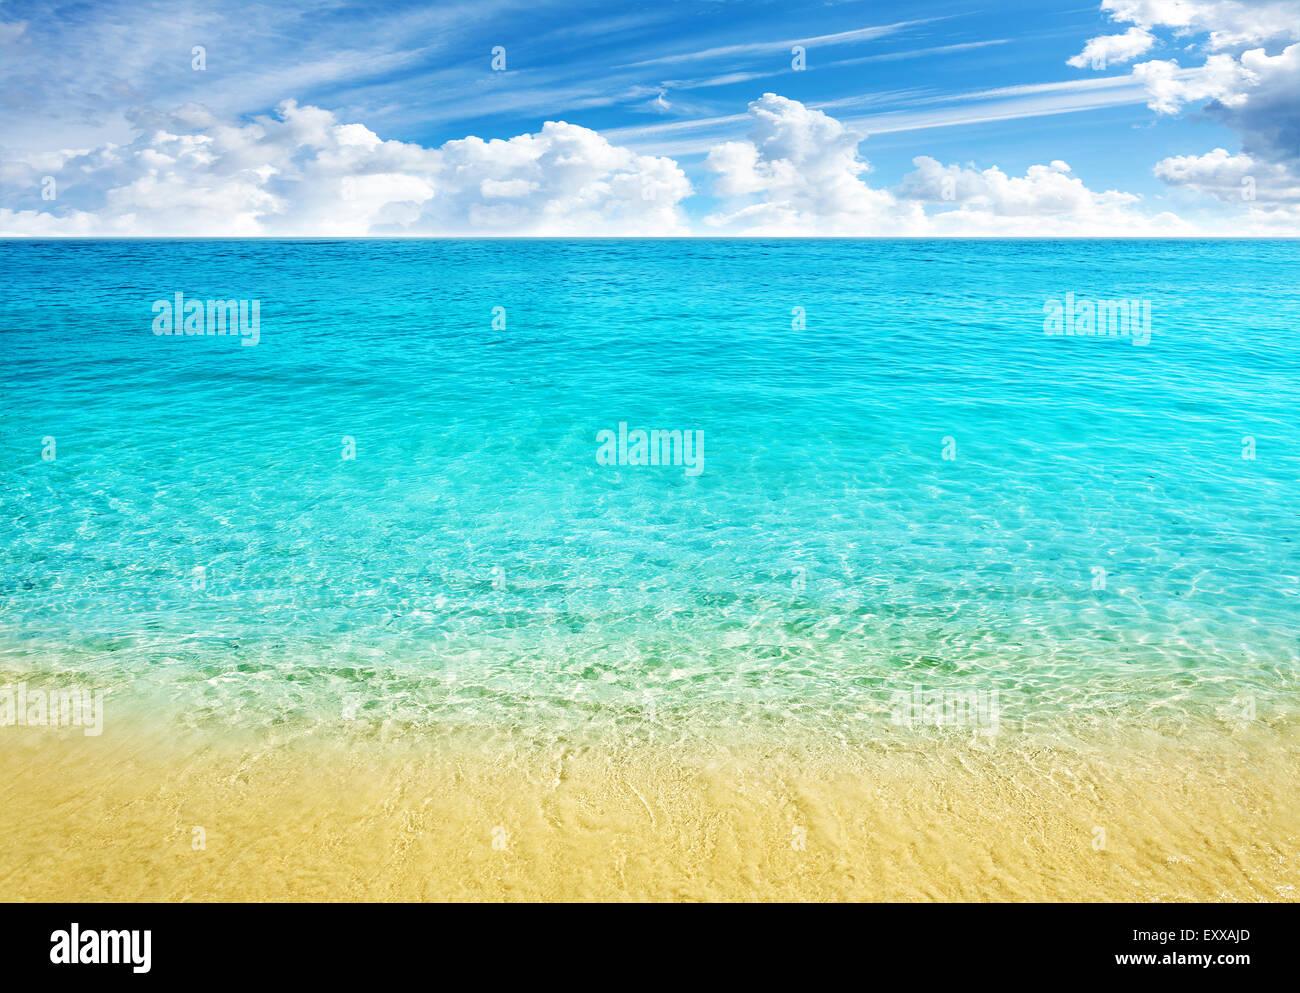 Estate spiaggia sfondo, acqua limpida e blu cielo nuvoloso. Immagini Stock